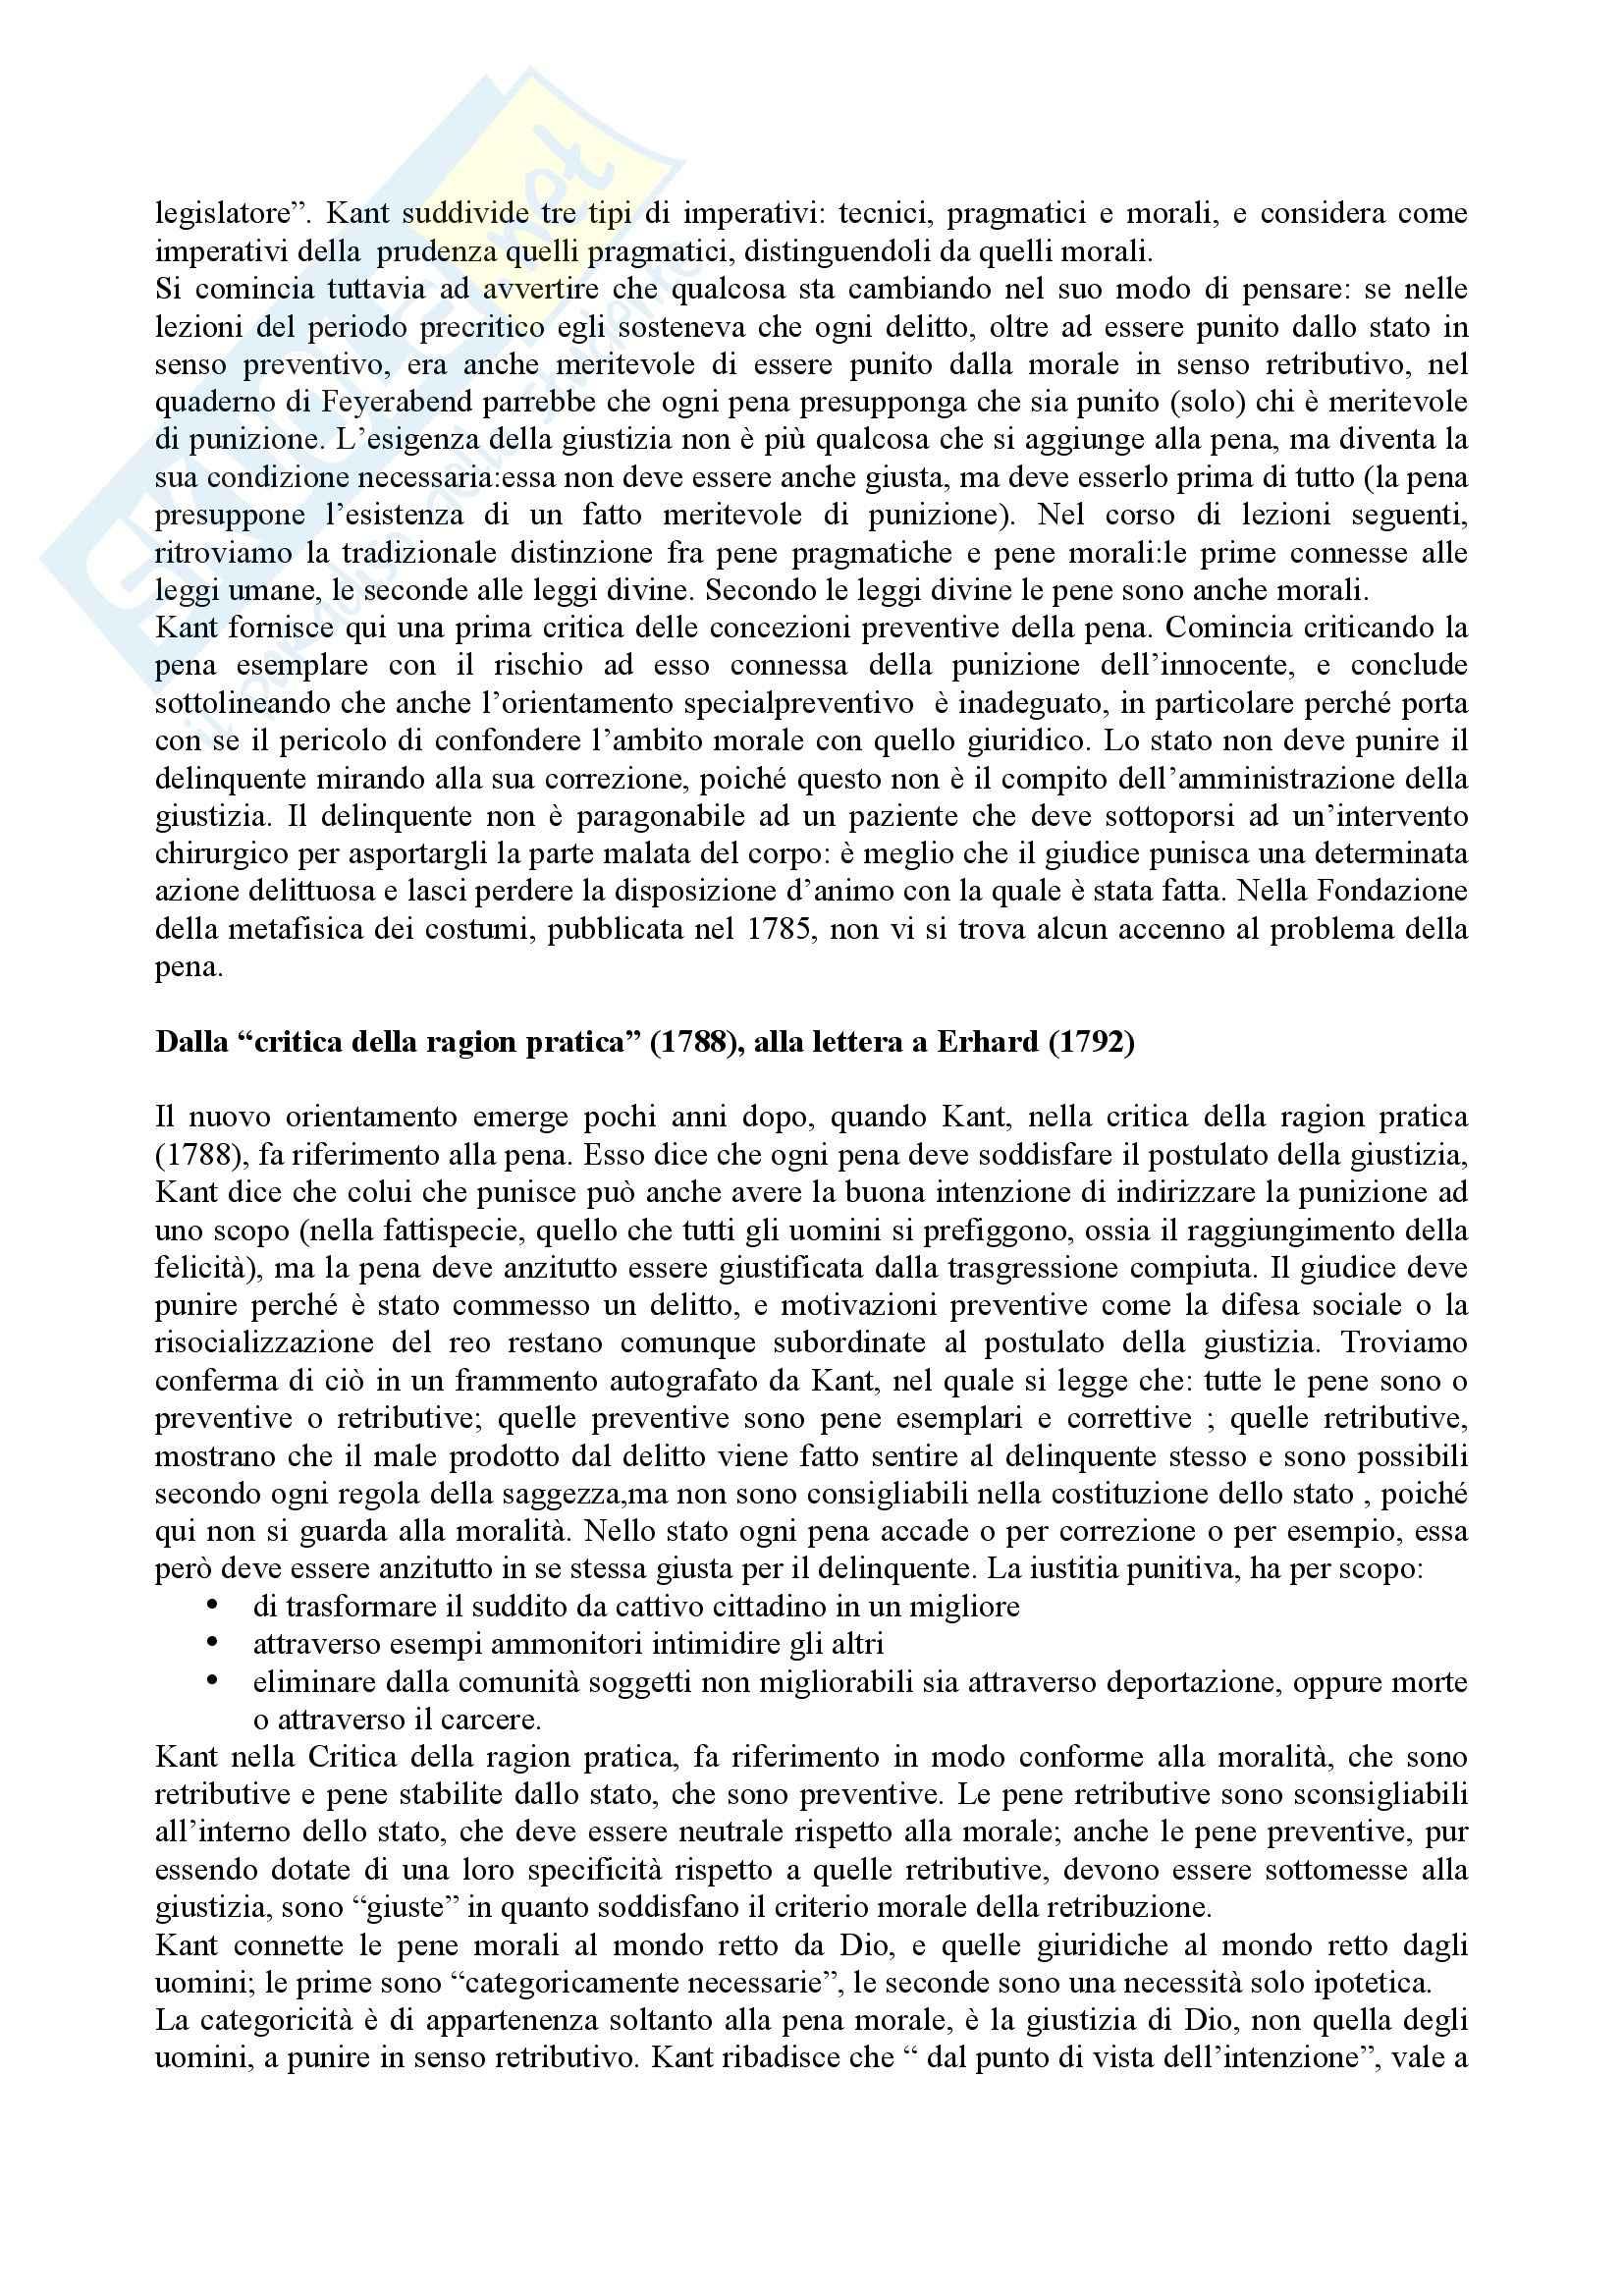 Filosofia del diritto - Kant Pag. 2